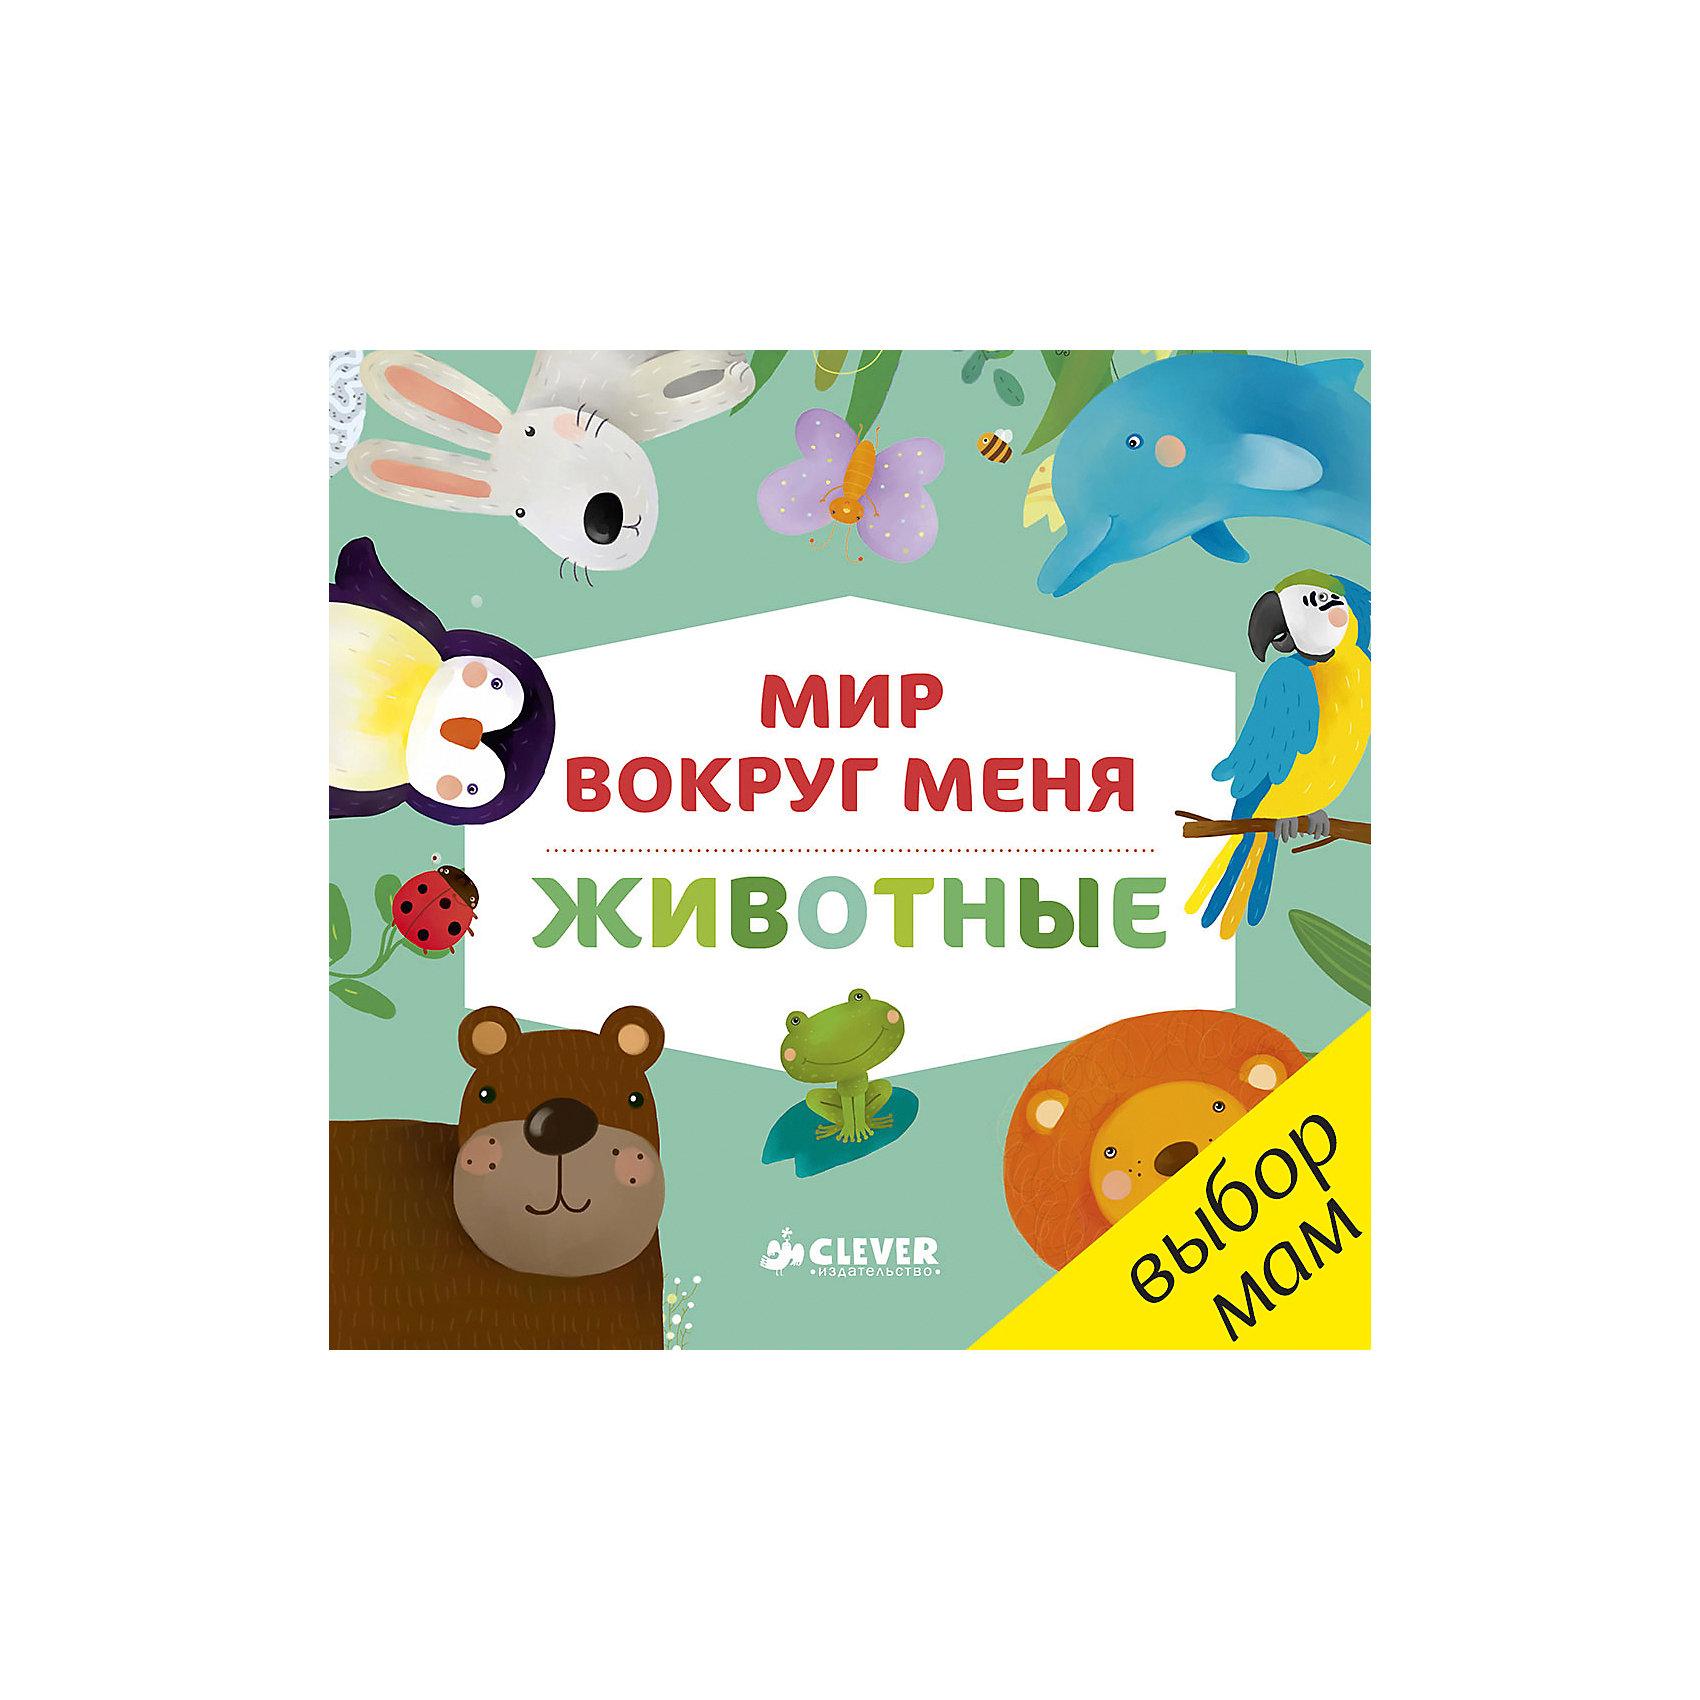 Книжка-картонка Мир вокруг меня. Животные, CleverКнижка-картонка Мир вокруг меня. Животные, Clever.<br><br>Характеристики:<br><br>• Редактор: Попова Евгения<br>• Издательство: Клевер Медиа Групп, 2017 г.<br>• Серия: Растем вместе<br>• Тип обложки: твердая<br>• Иллюстрации: цветные<br>• Количество страниц: 20 (картон)<br>• Размер: 141х146х17 мм.<br>• Вес: 182 гр.<br>• ISBN: 9785906899873<br><br>Книжка-картонка Мир вокруг меня. Животные познакомит вашего малыша с животными. На каждой страничке книги представлено красочное изображение животного, так хорошо знакомое малышу по сказкам или мультфильмам, а также указано название животного. Серия книжек-картонок придумана специально для самых маленьких ручек. Странички книжки плотные, поэтому малышам удобно их перелистывать, снова и снова возвращаясь к знакомым картинкам.<br><br>Книжку-картонку Мир вокруг меня. Животные, Clever можно купить в нашем интернет-магазине.<br><br>Ширина мм: 138<br>Глубина мм: 134<br>Высота мм: 80<br>Вес г: 193<br>Возраст от месяцев: 12<br>Возраст до месяцев: 36<br>Пол: Унисекс<br>Возраст: Детский<br>SKU: 5448685